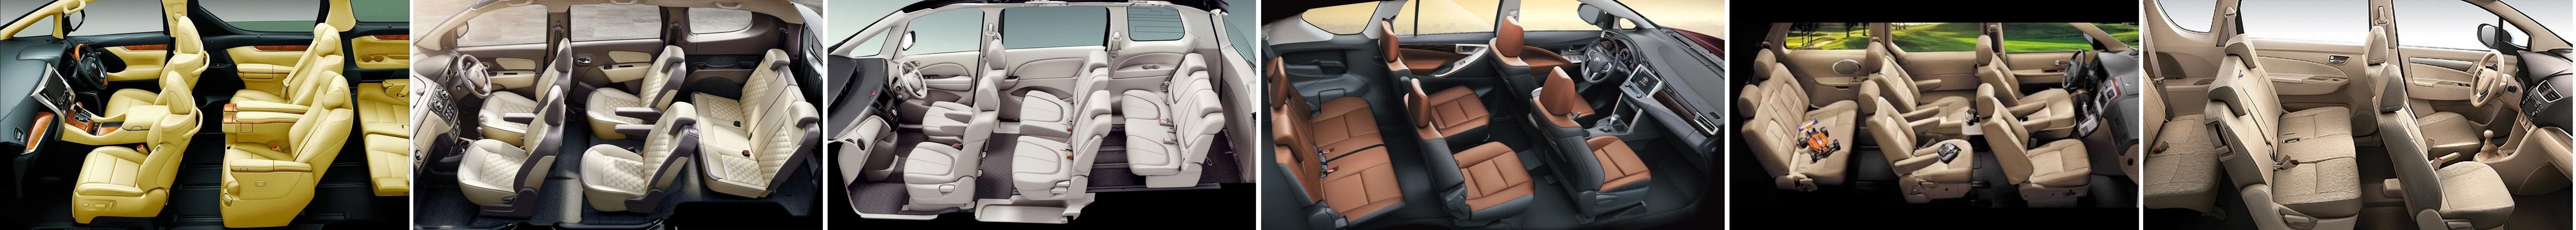 Phân khúc MPV tháng 6/2019: Mitsubishi Xpander tiếp tục dẫn đầu - 2